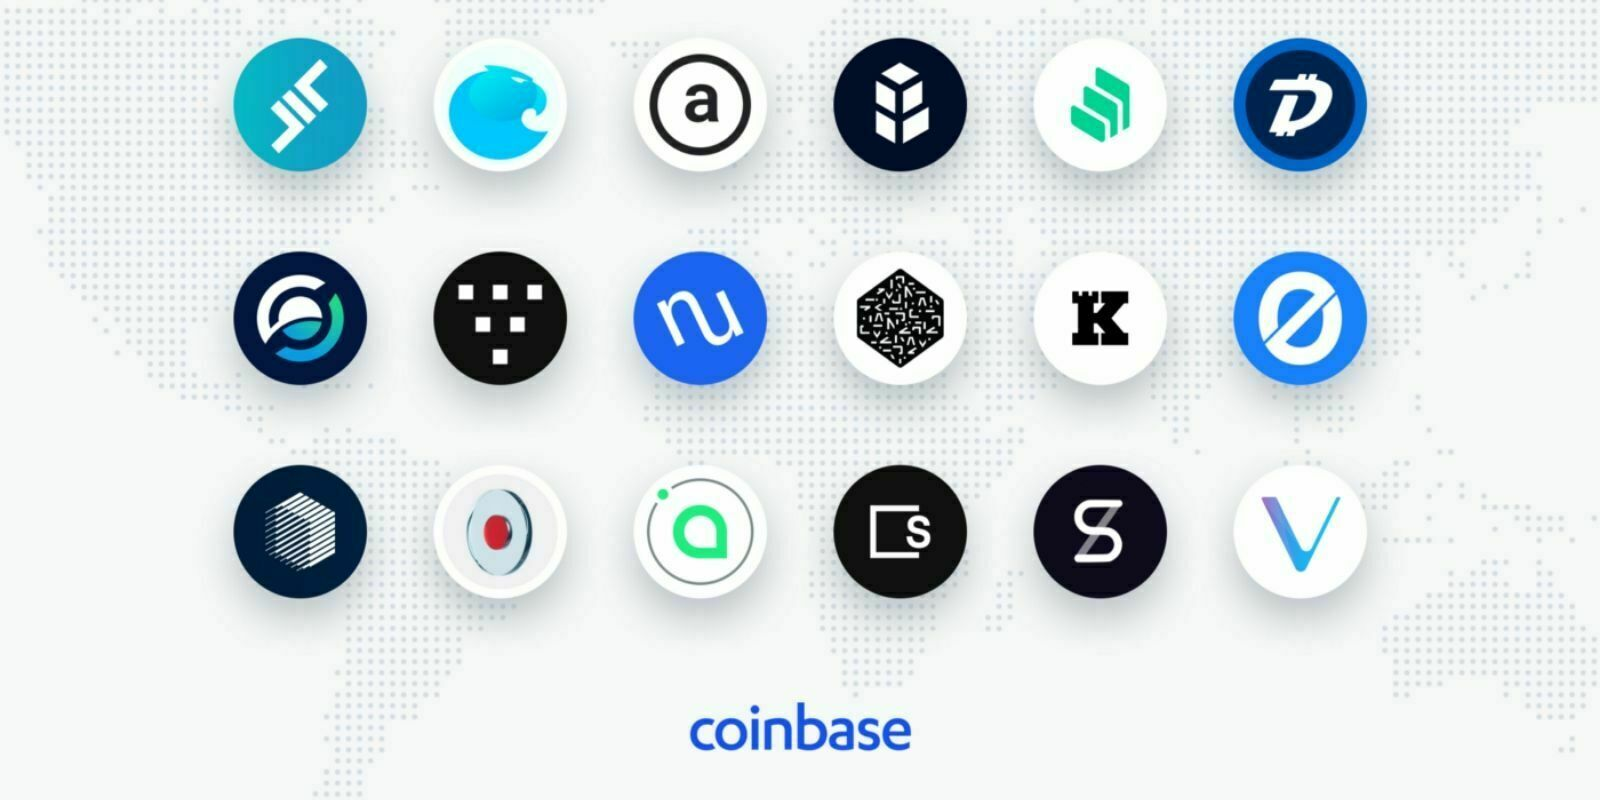 Coinbase envisage la prise en charge de 18 nouvelles cryptomonnaies